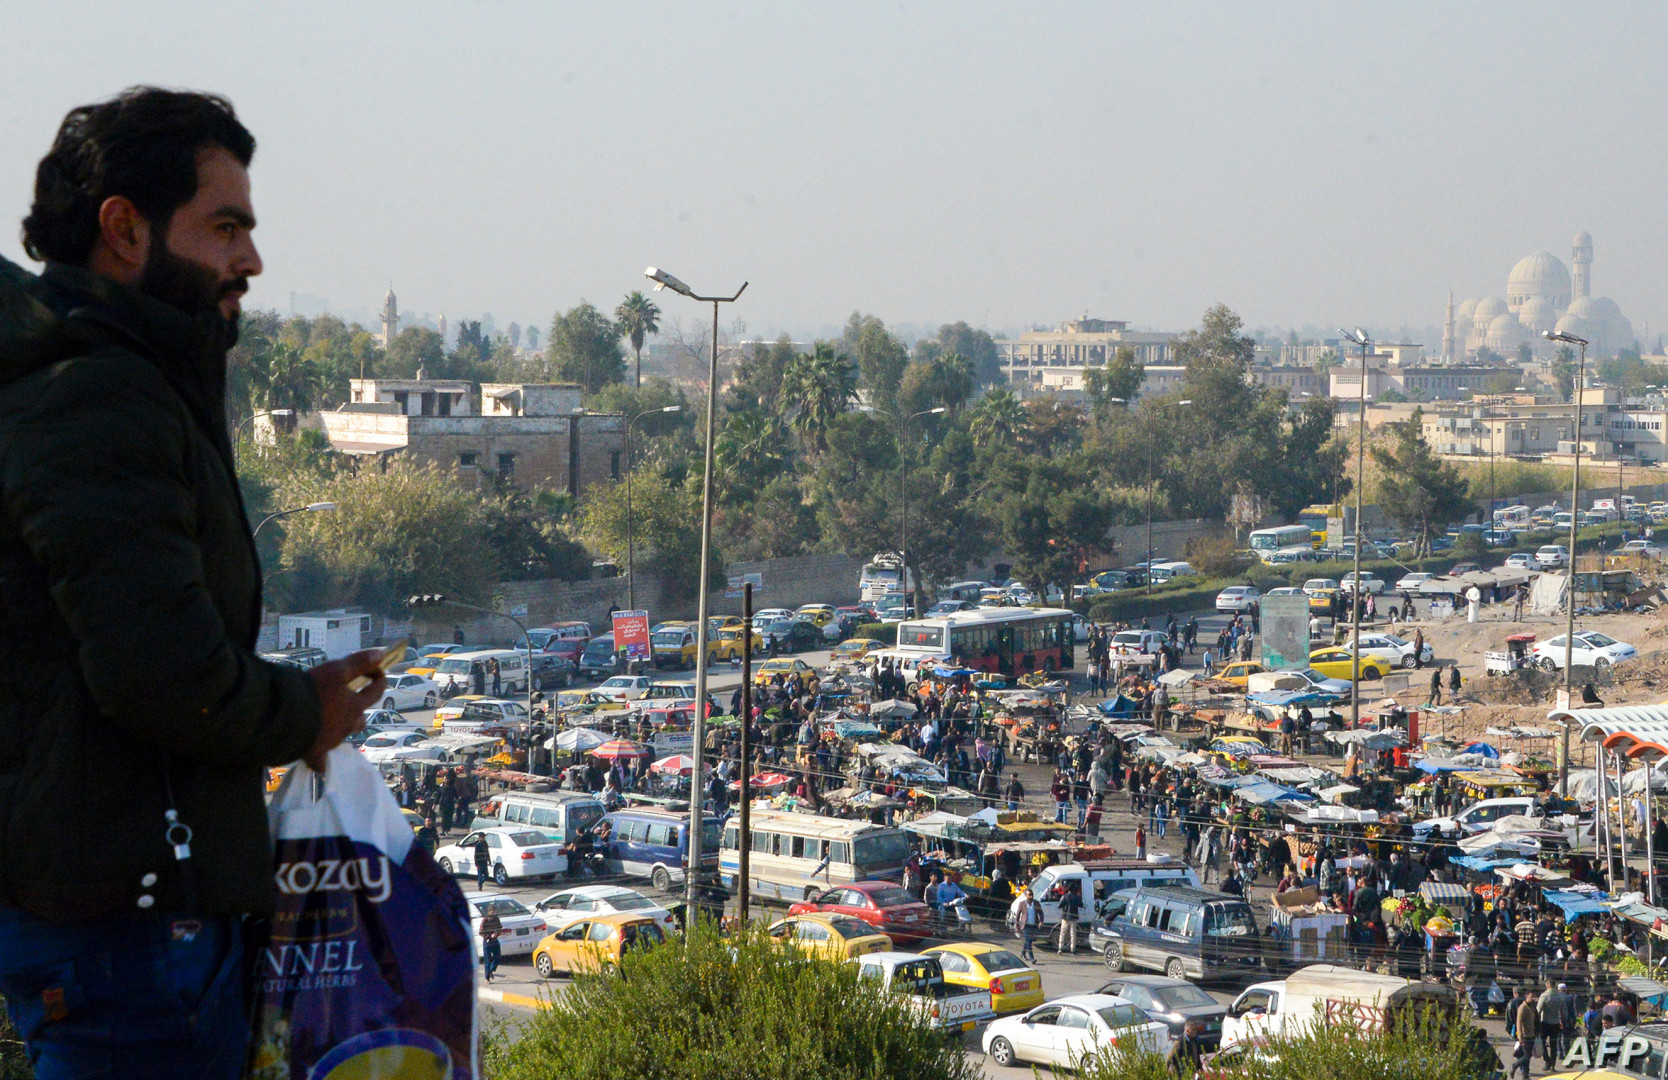 محافظتان عراقيتان تعطلان الدوام الخميس المقبل